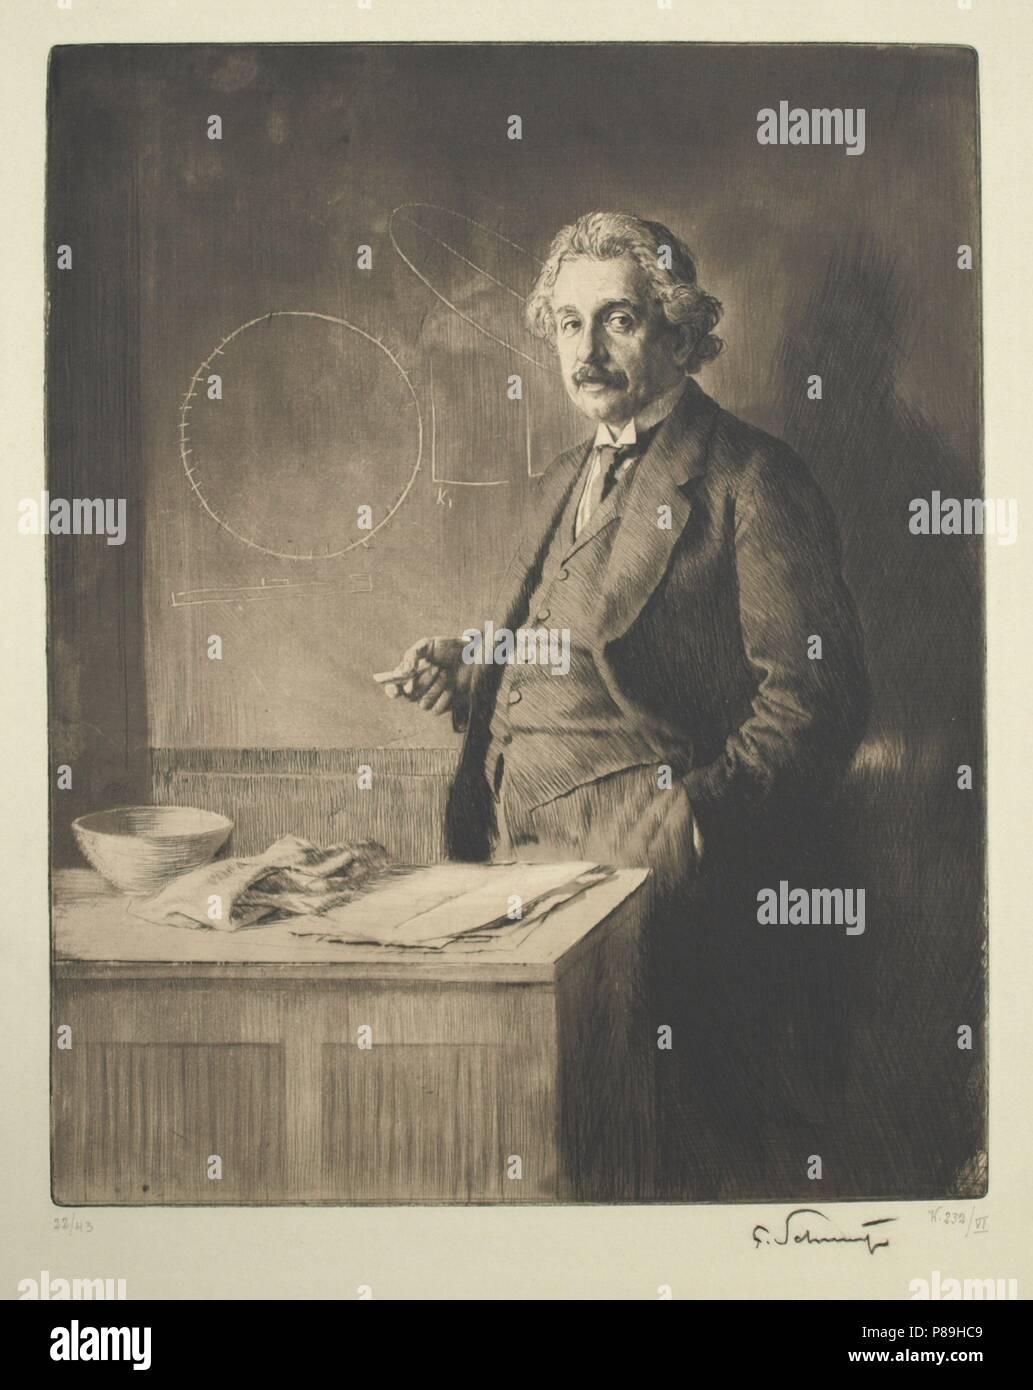 Portrait of Albert Einstein (1879-1955). Museum: Sigmund Freud Museum, Vienna. - Stock Image